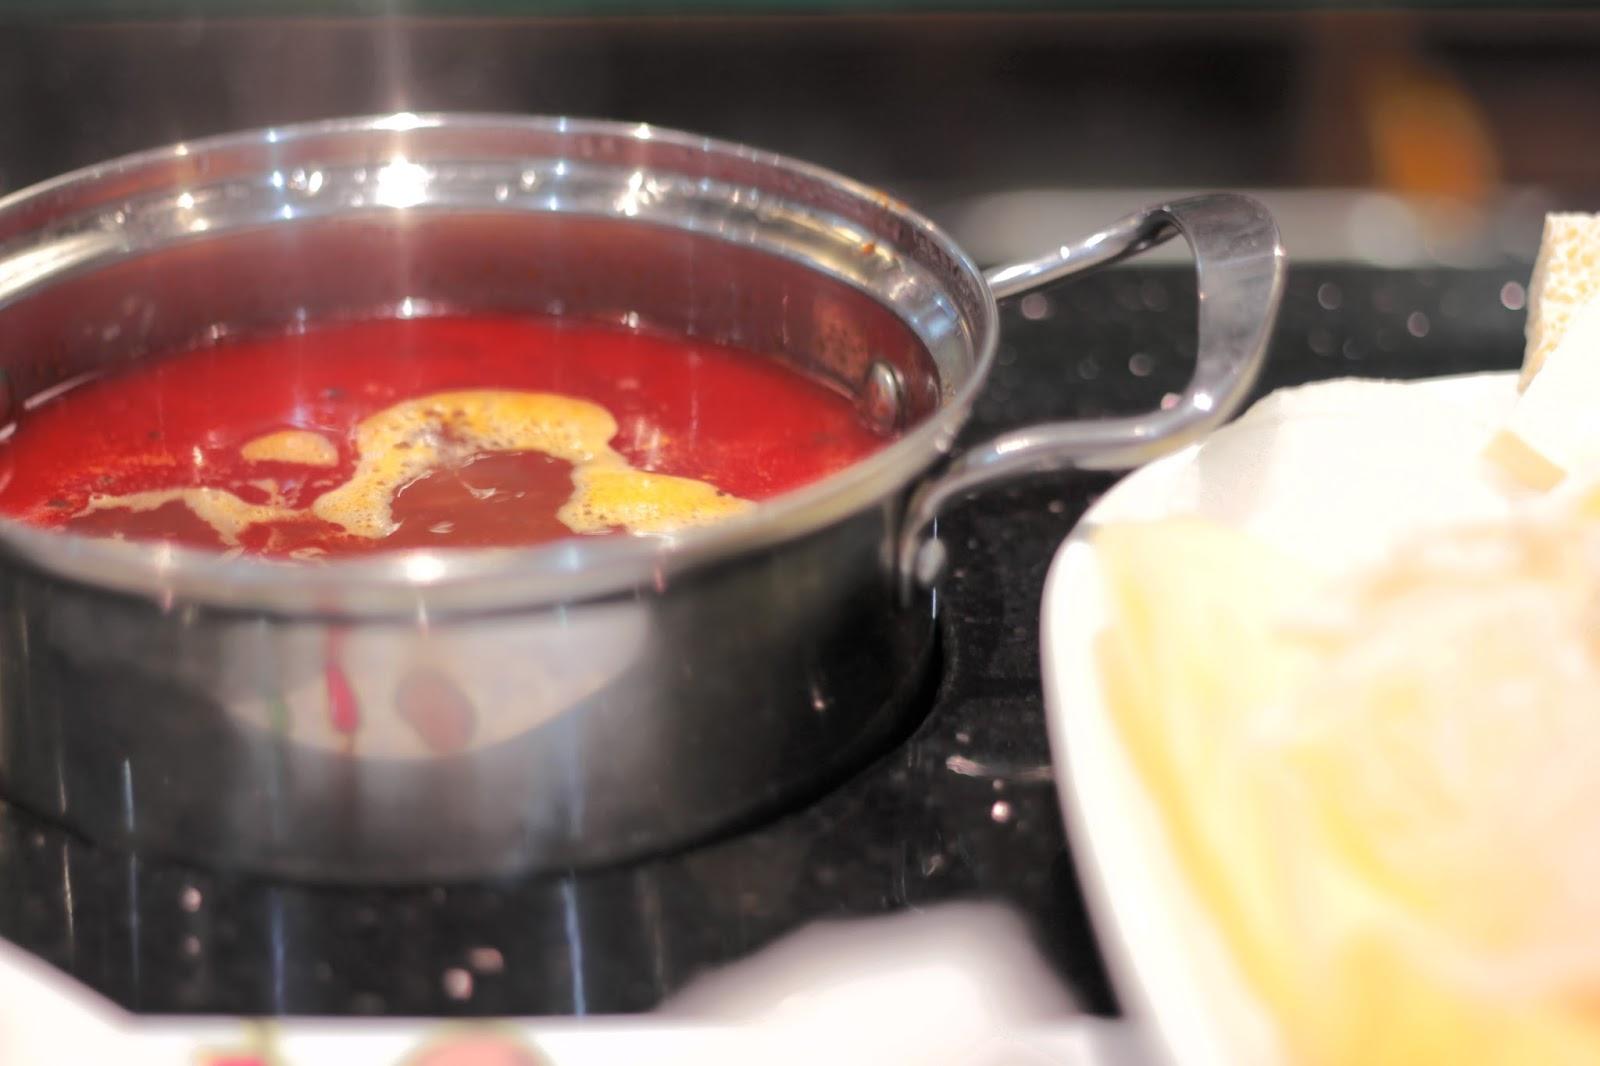 Yep yep hot pot sheffield review